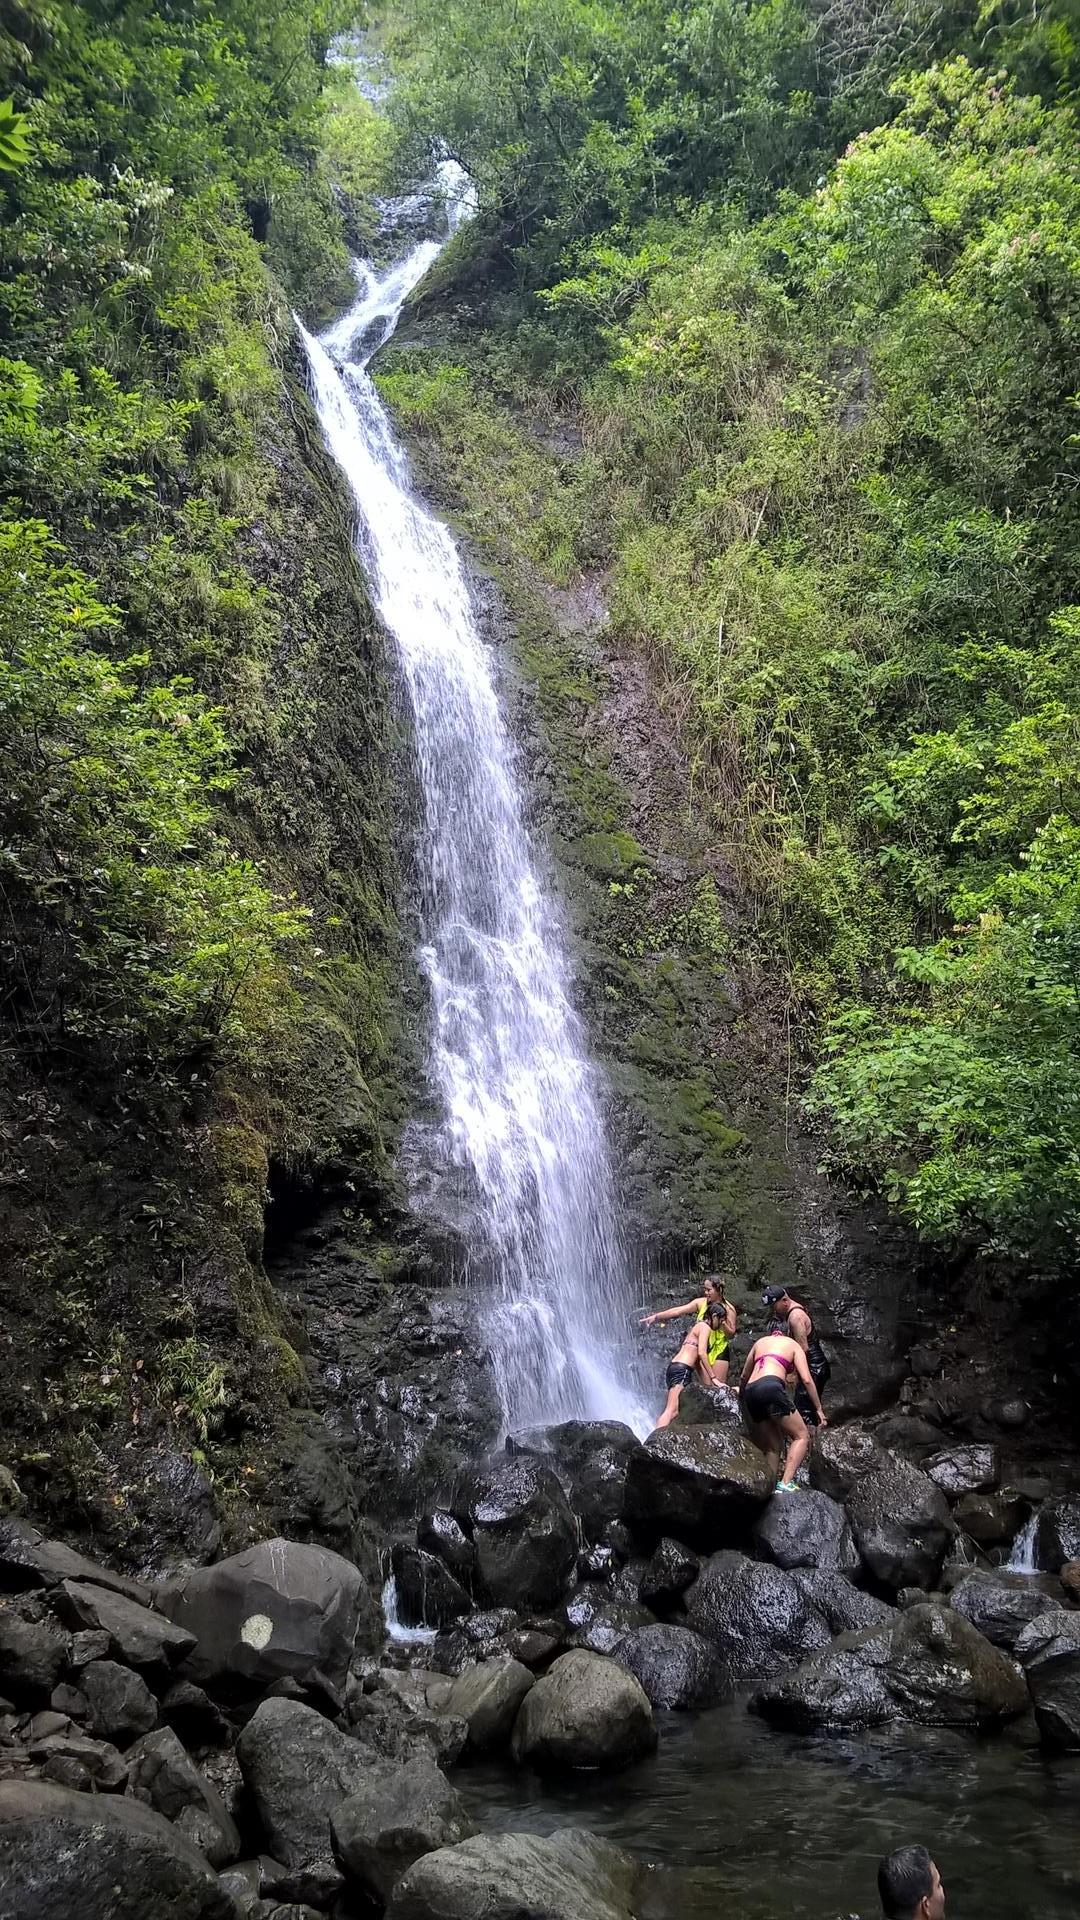 ... ging es zum Wasserfall